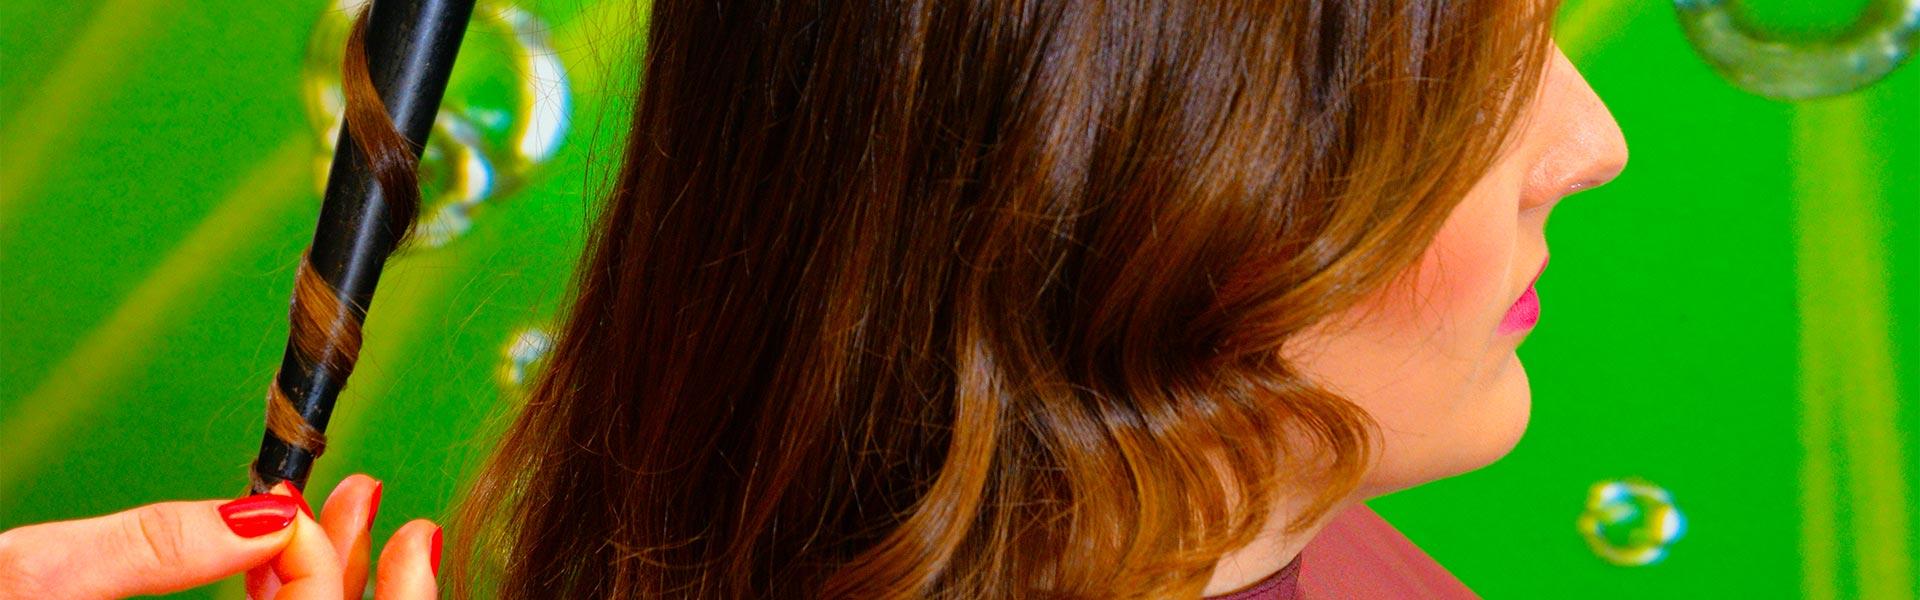 Leistungen beim Friseur in Gundelfingen